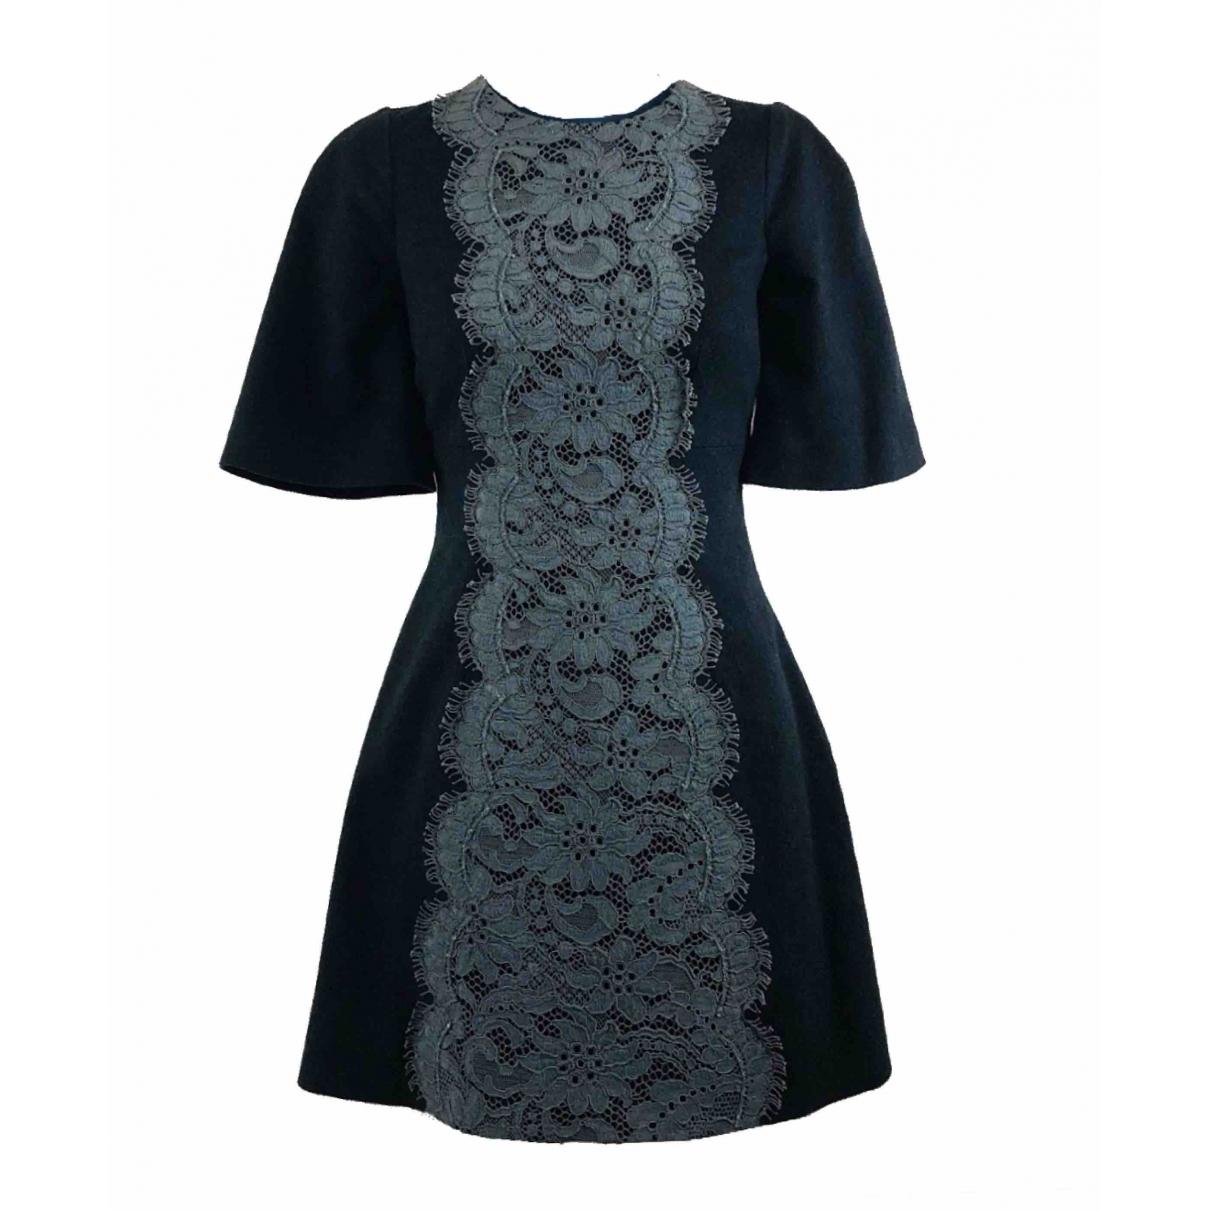 Dolce & Gabbana \N Kleid in  Anthrazit Kaschmir